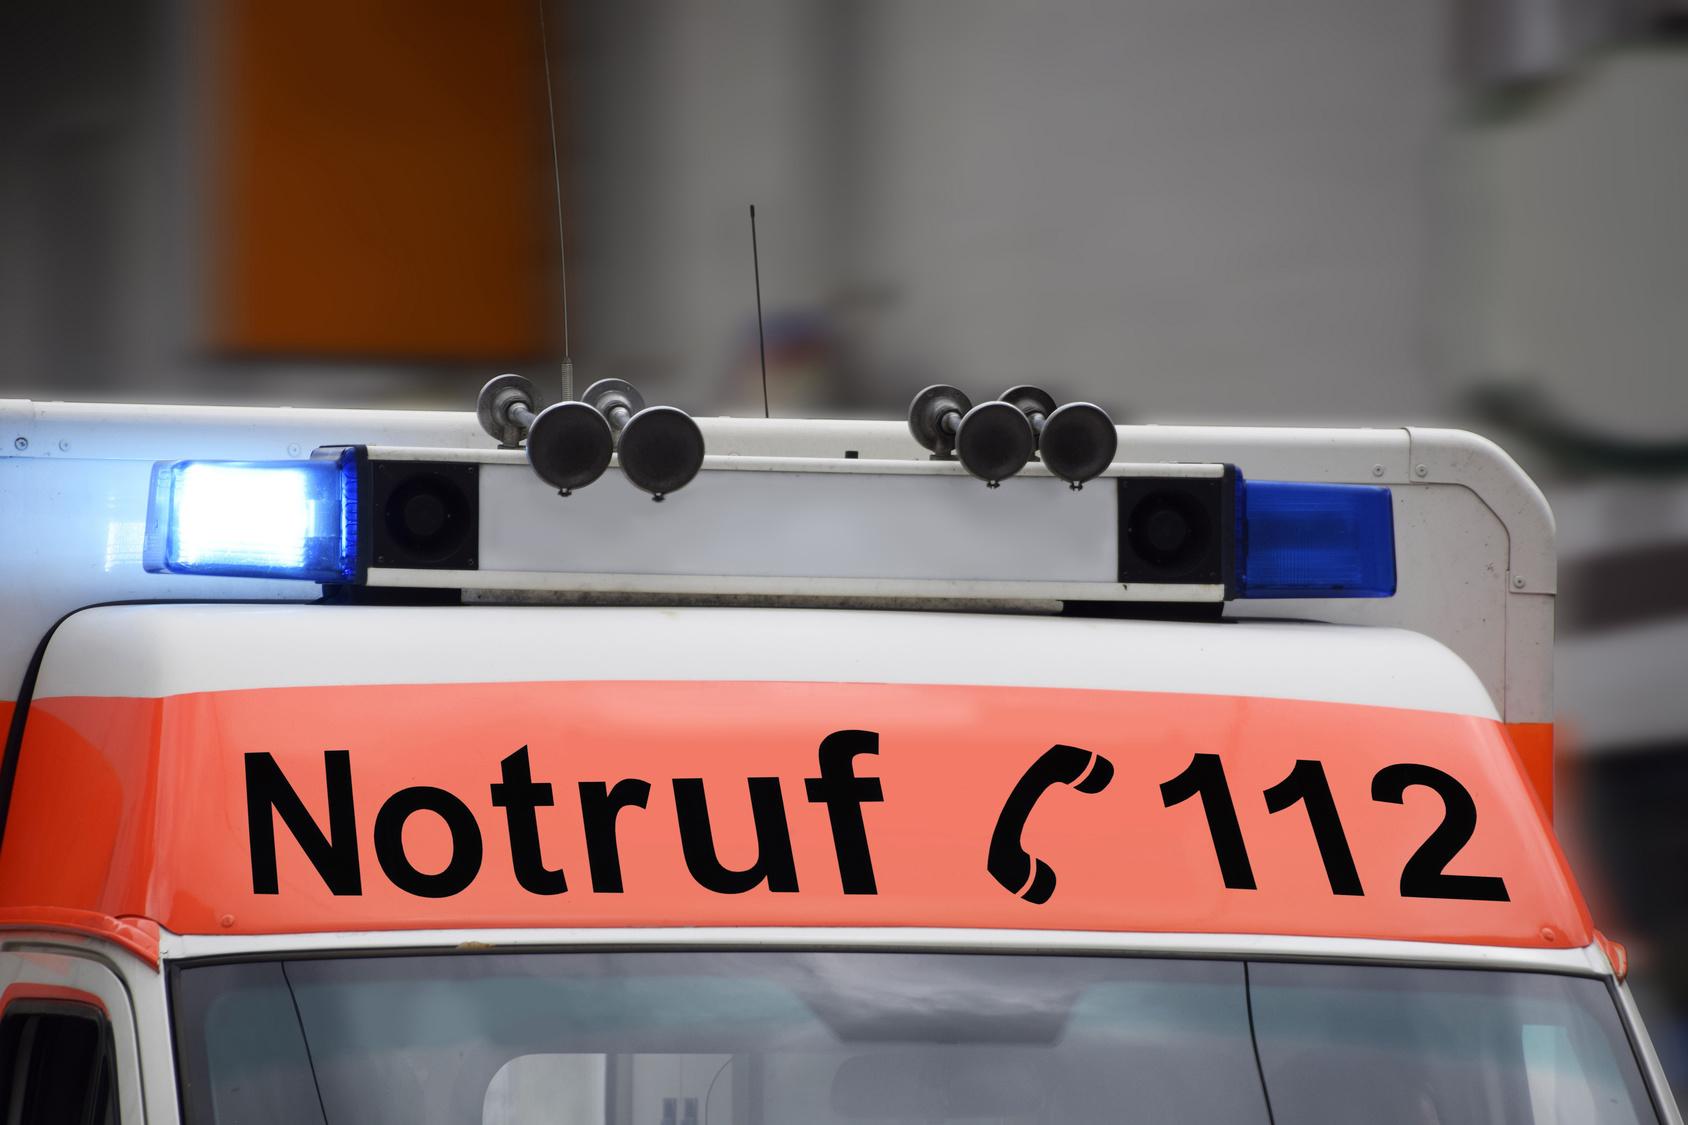 Messerattacke in Flüchtlingsheim Mitbewohner kastriert!